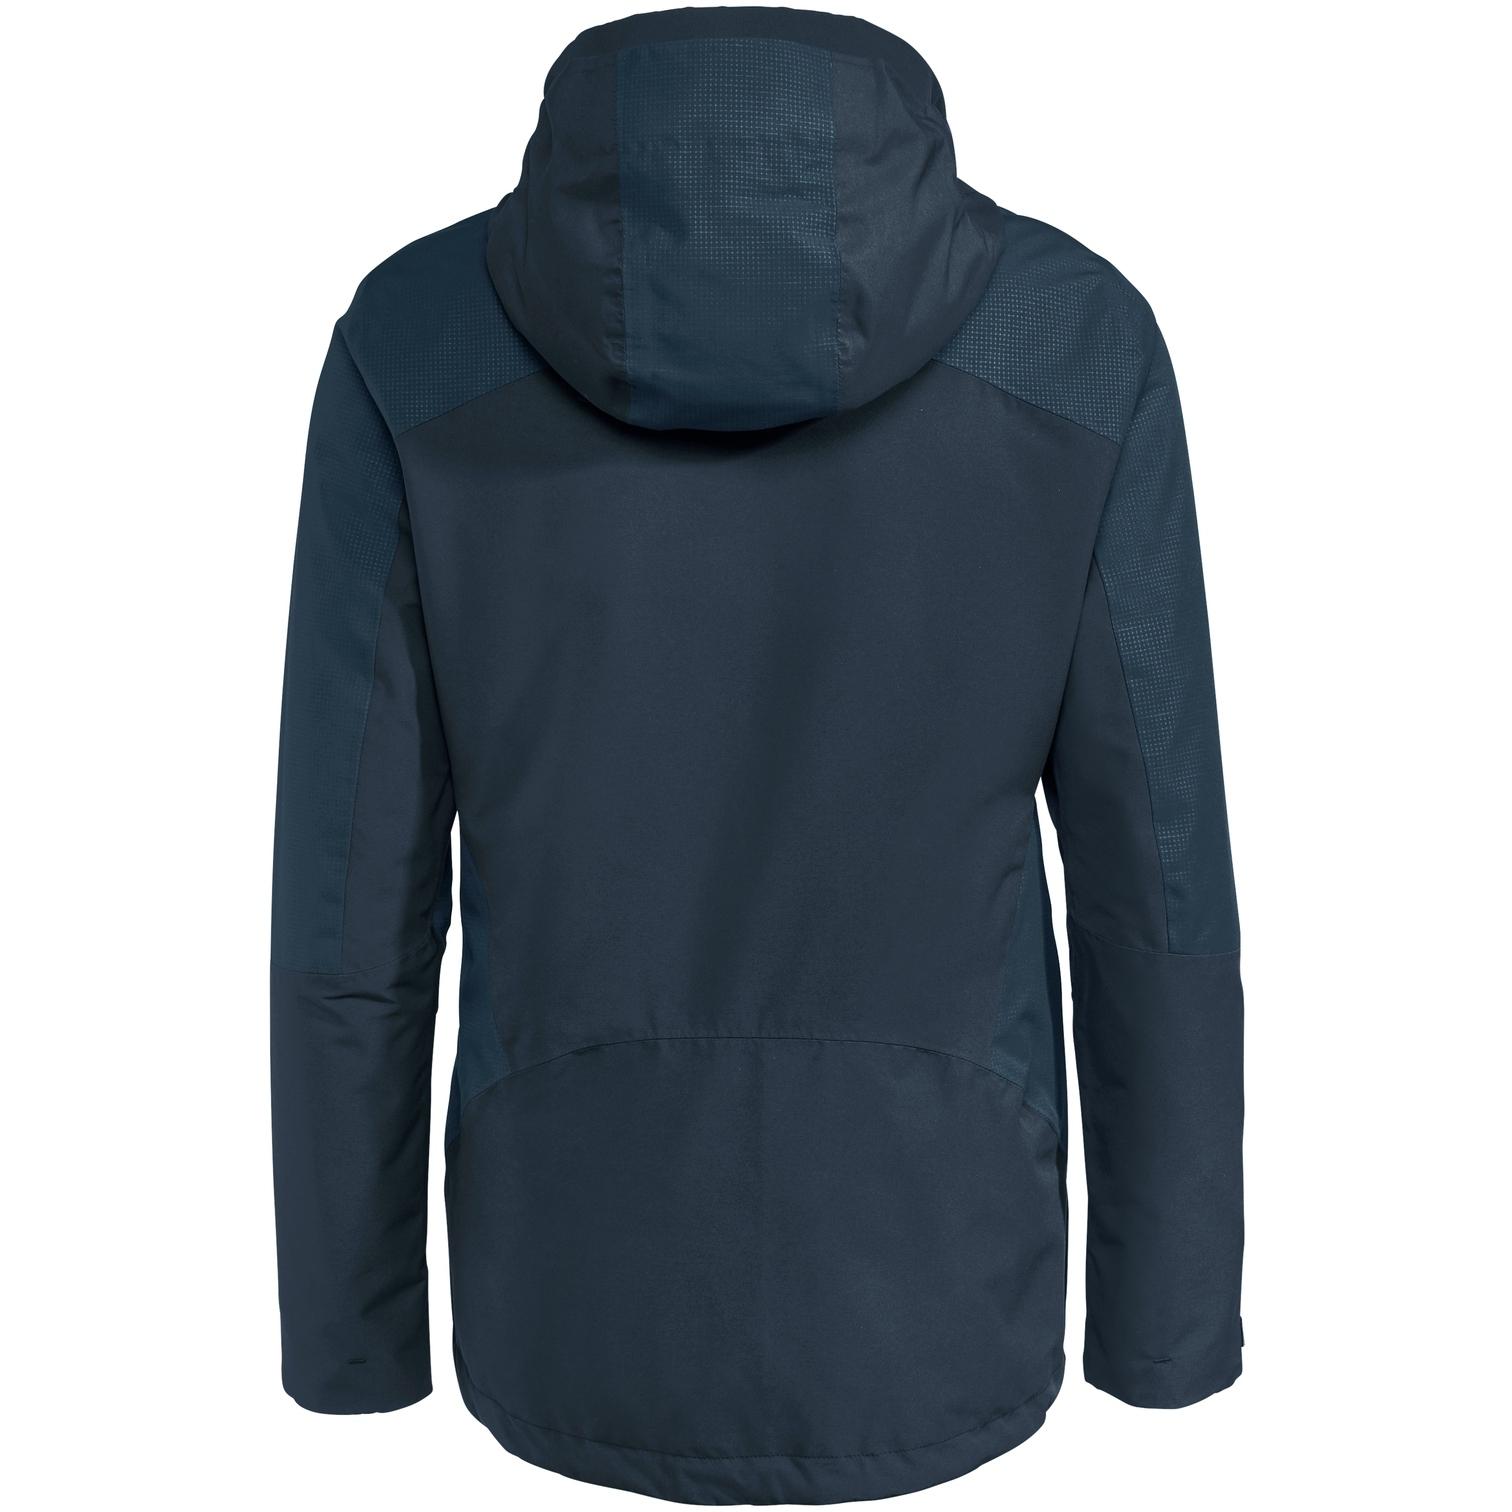 Image of Vaude Women's Elope 3in1 Jacket - dark sea